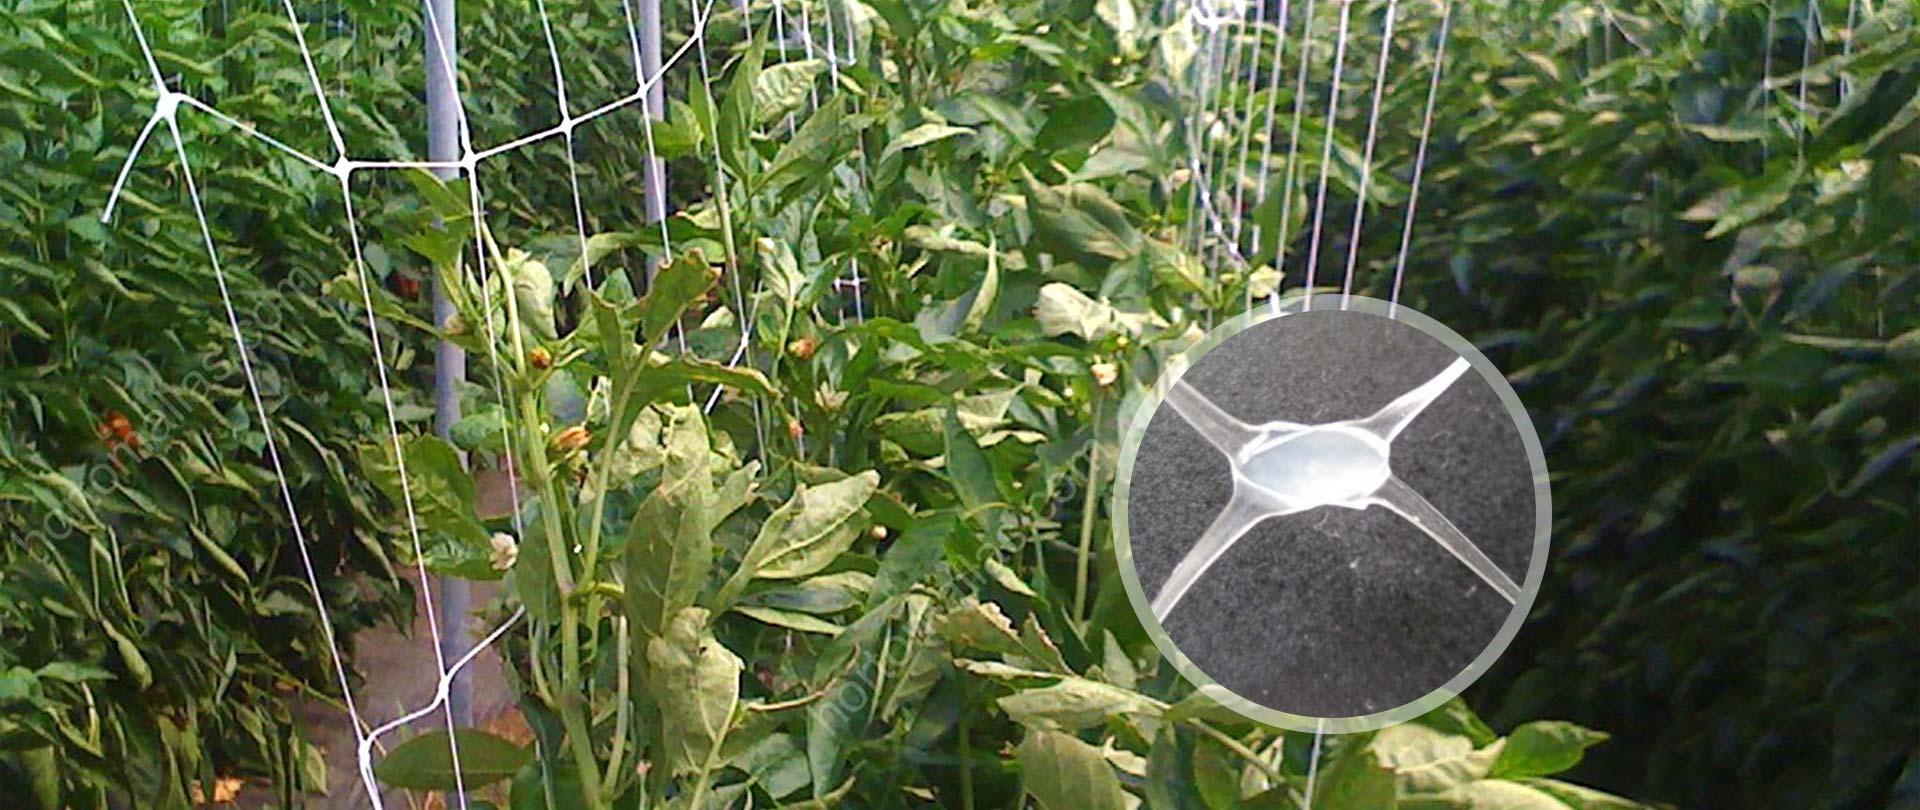 Trellis Netting/Plant Support Net